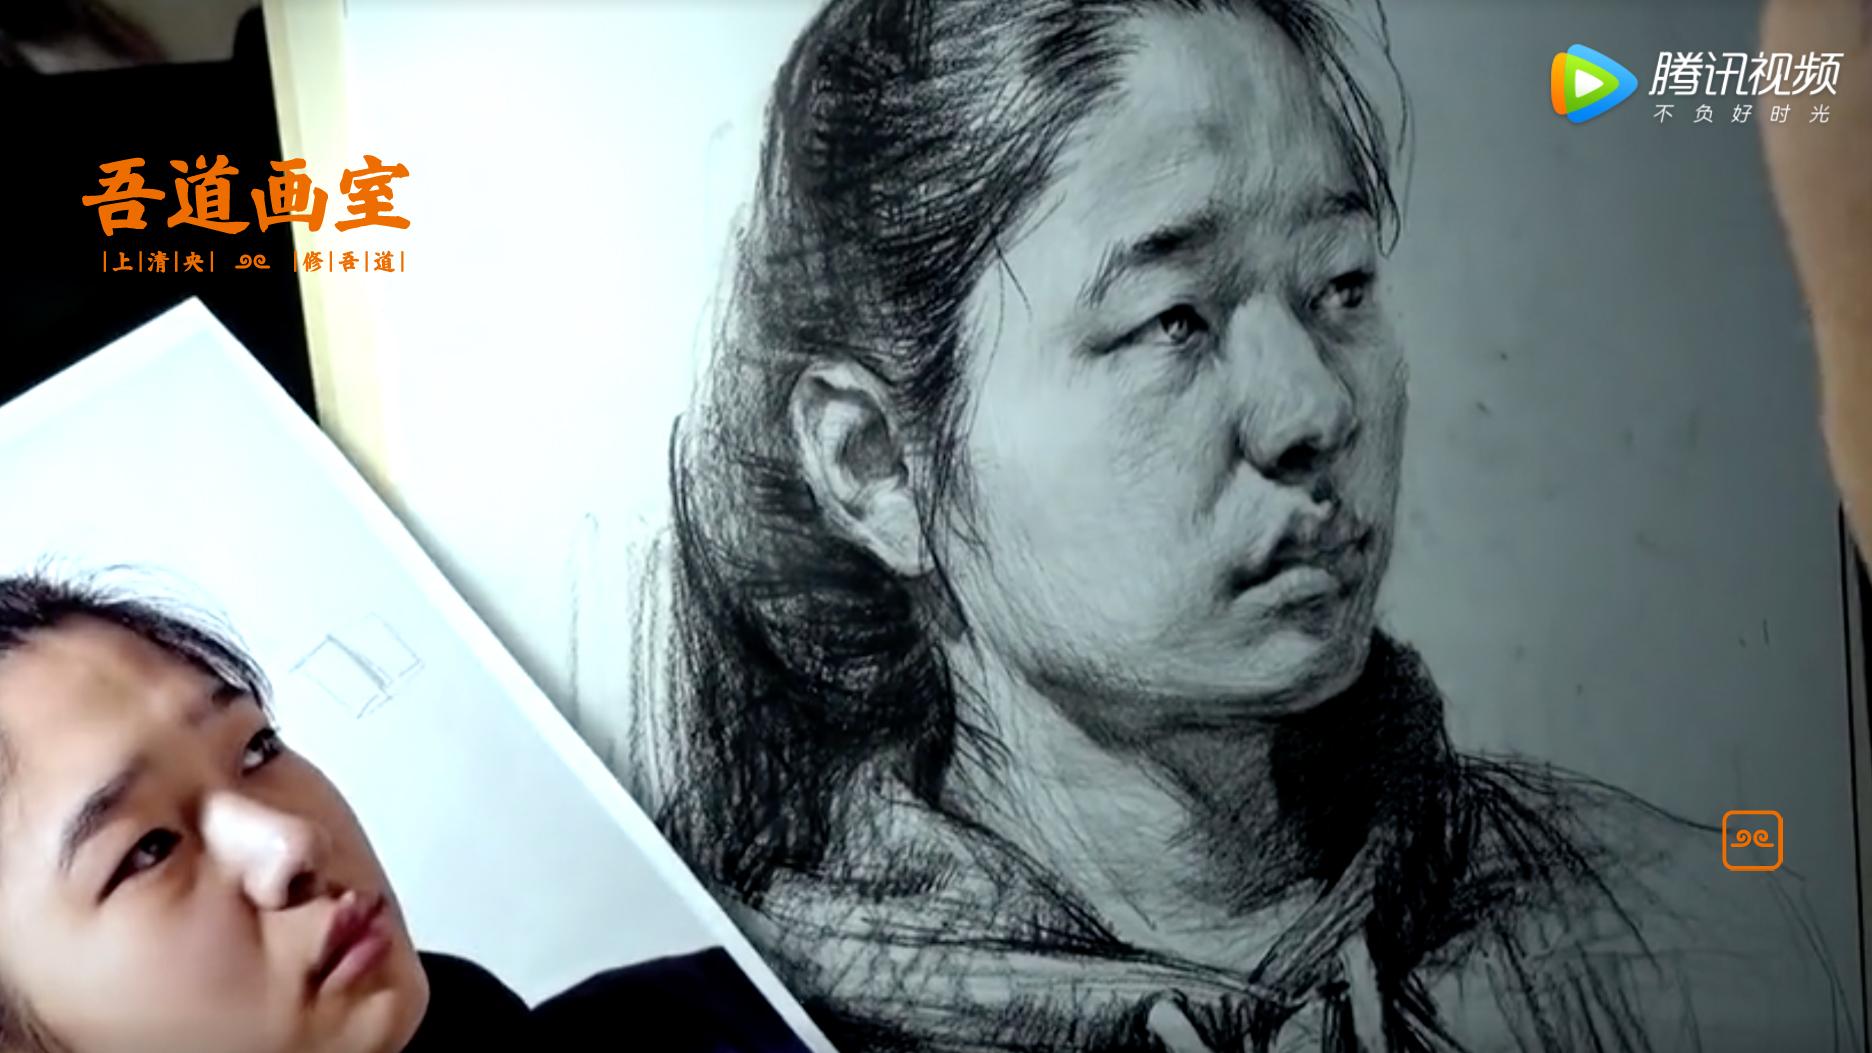 素描头像示范《半侧女青年2》-吾道画室